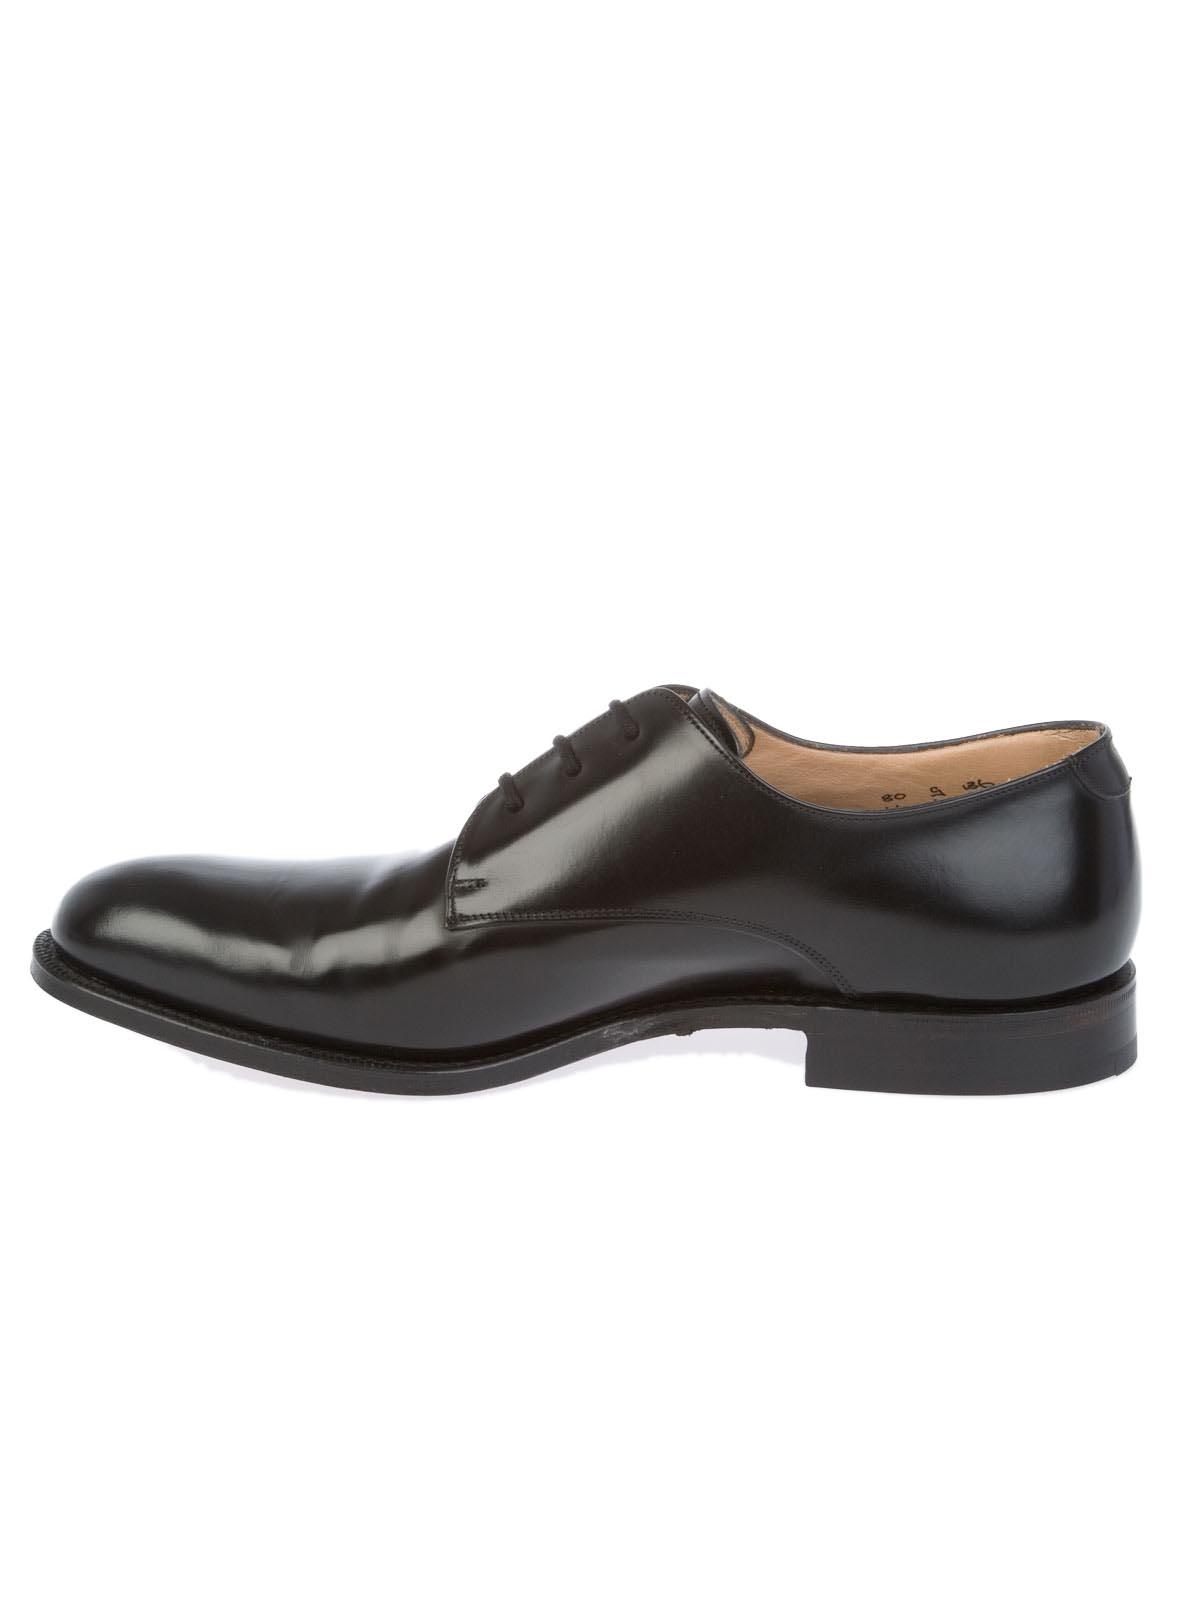 Picture of CHURCH'S | Paris Derby Shoe